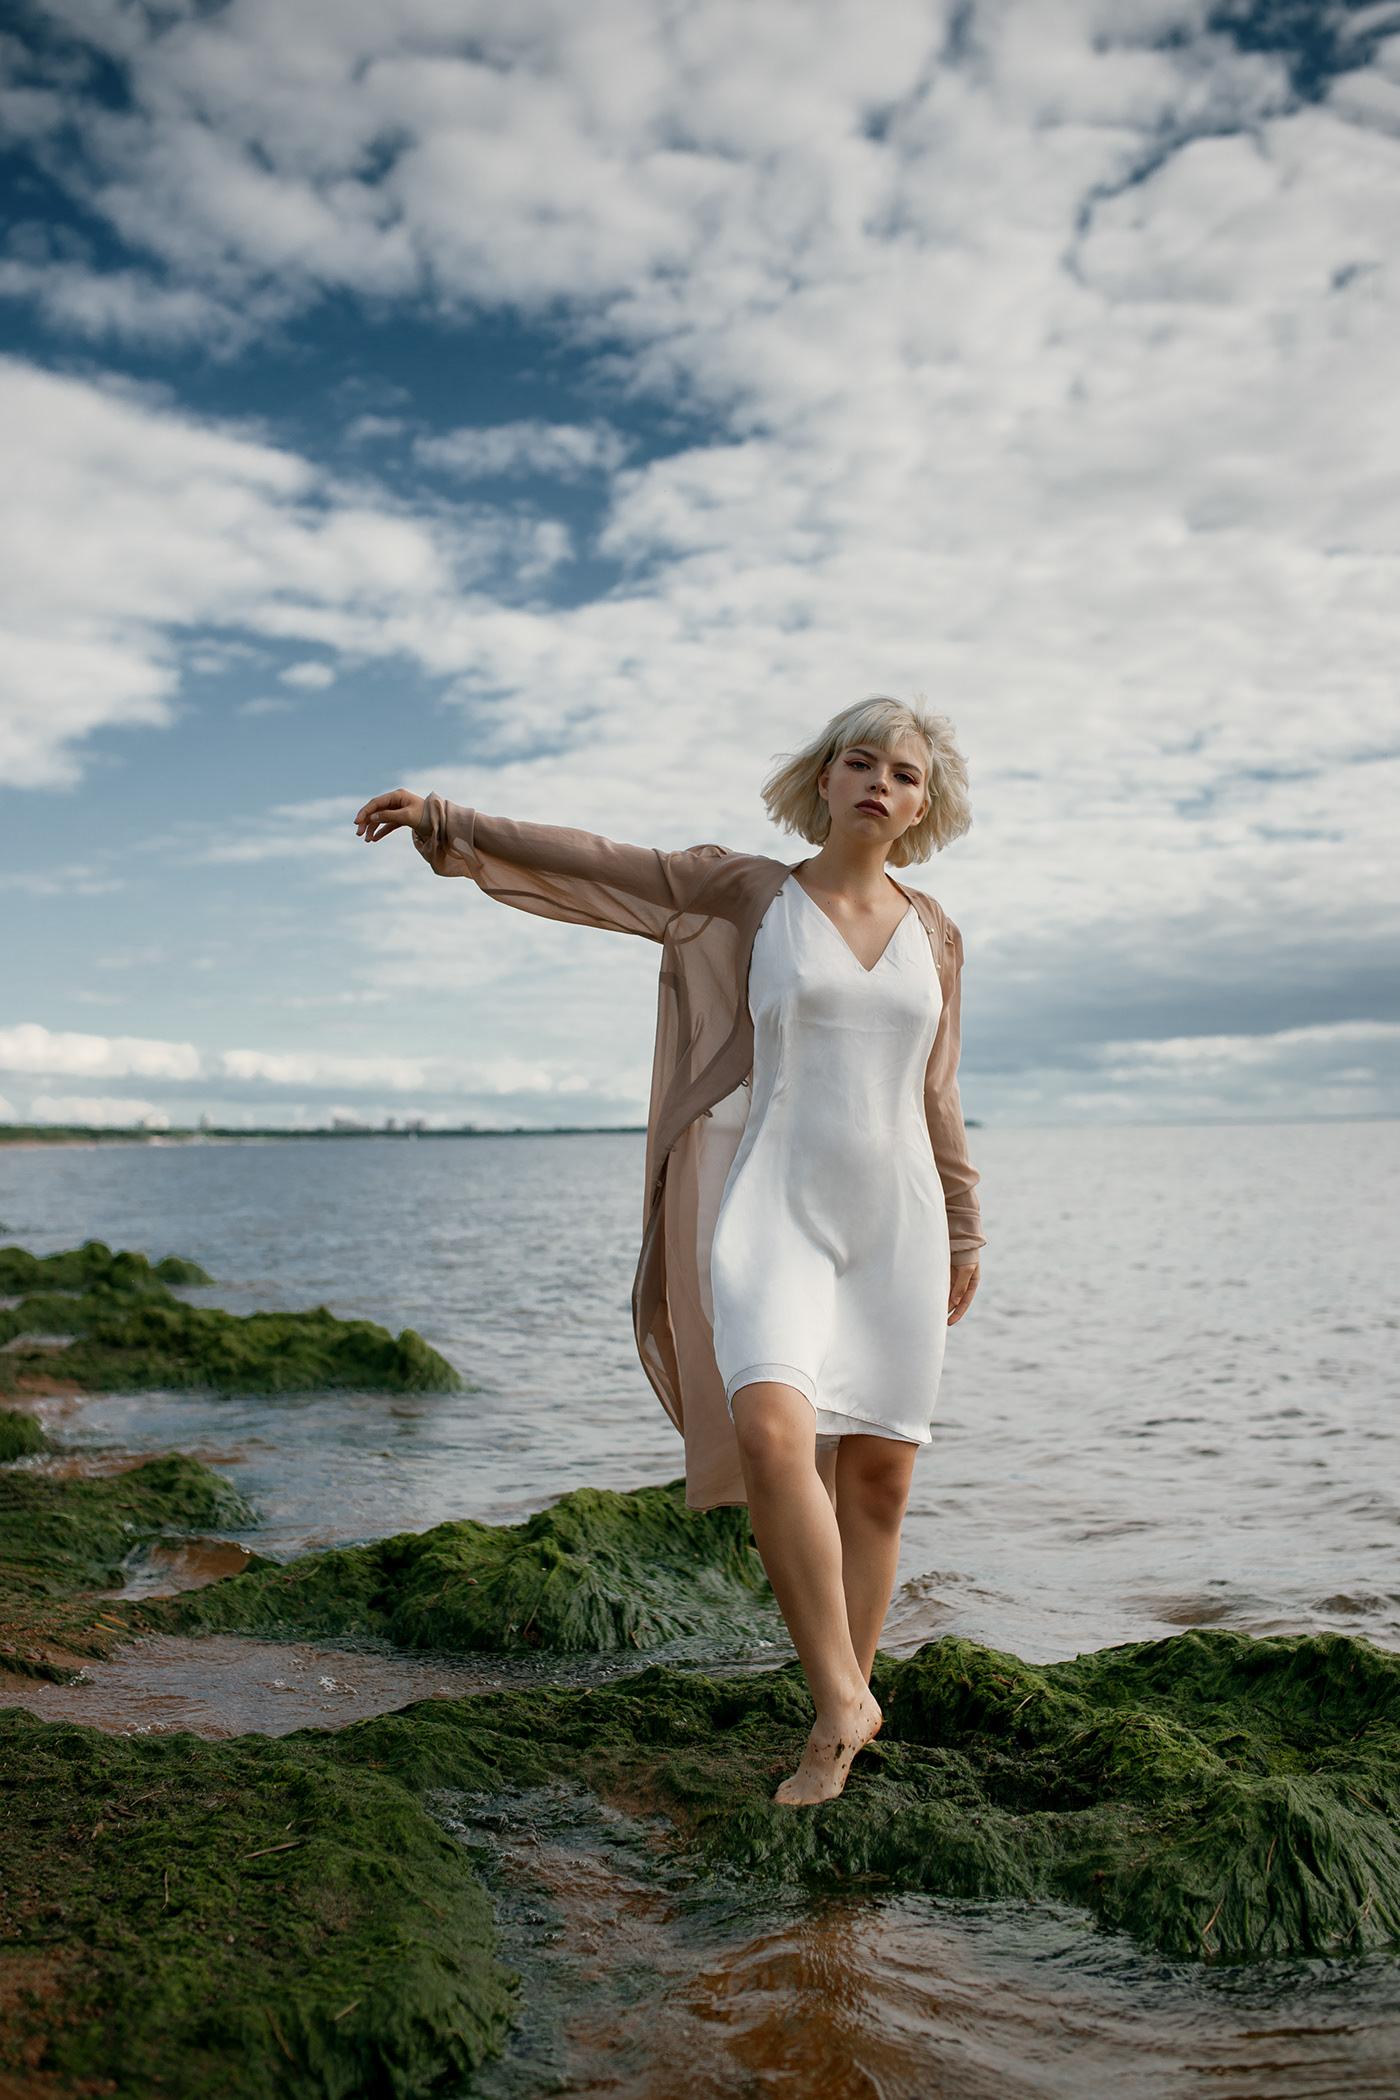 В тени Model Tatyana Koroleva / foto Darya Slonova